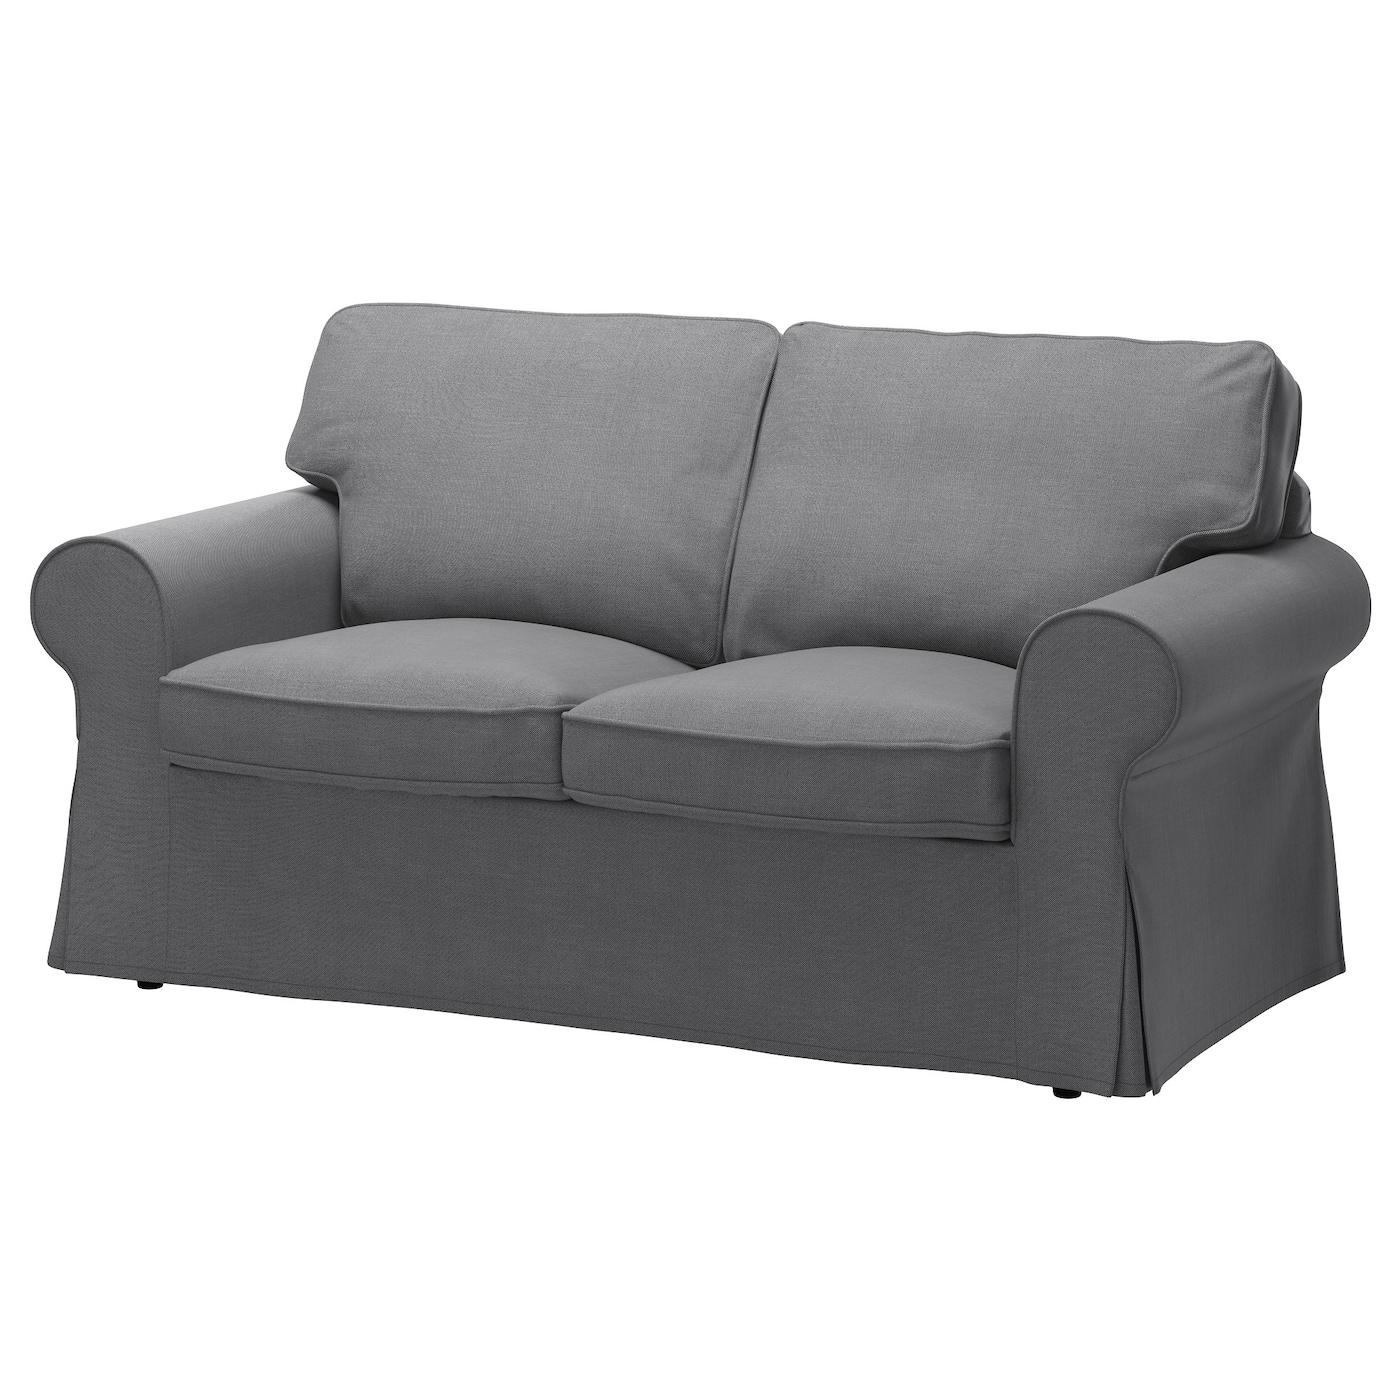 2 3 sitzer sofas online kaufen m bel suchmaschine for Sofa 120 cm lang